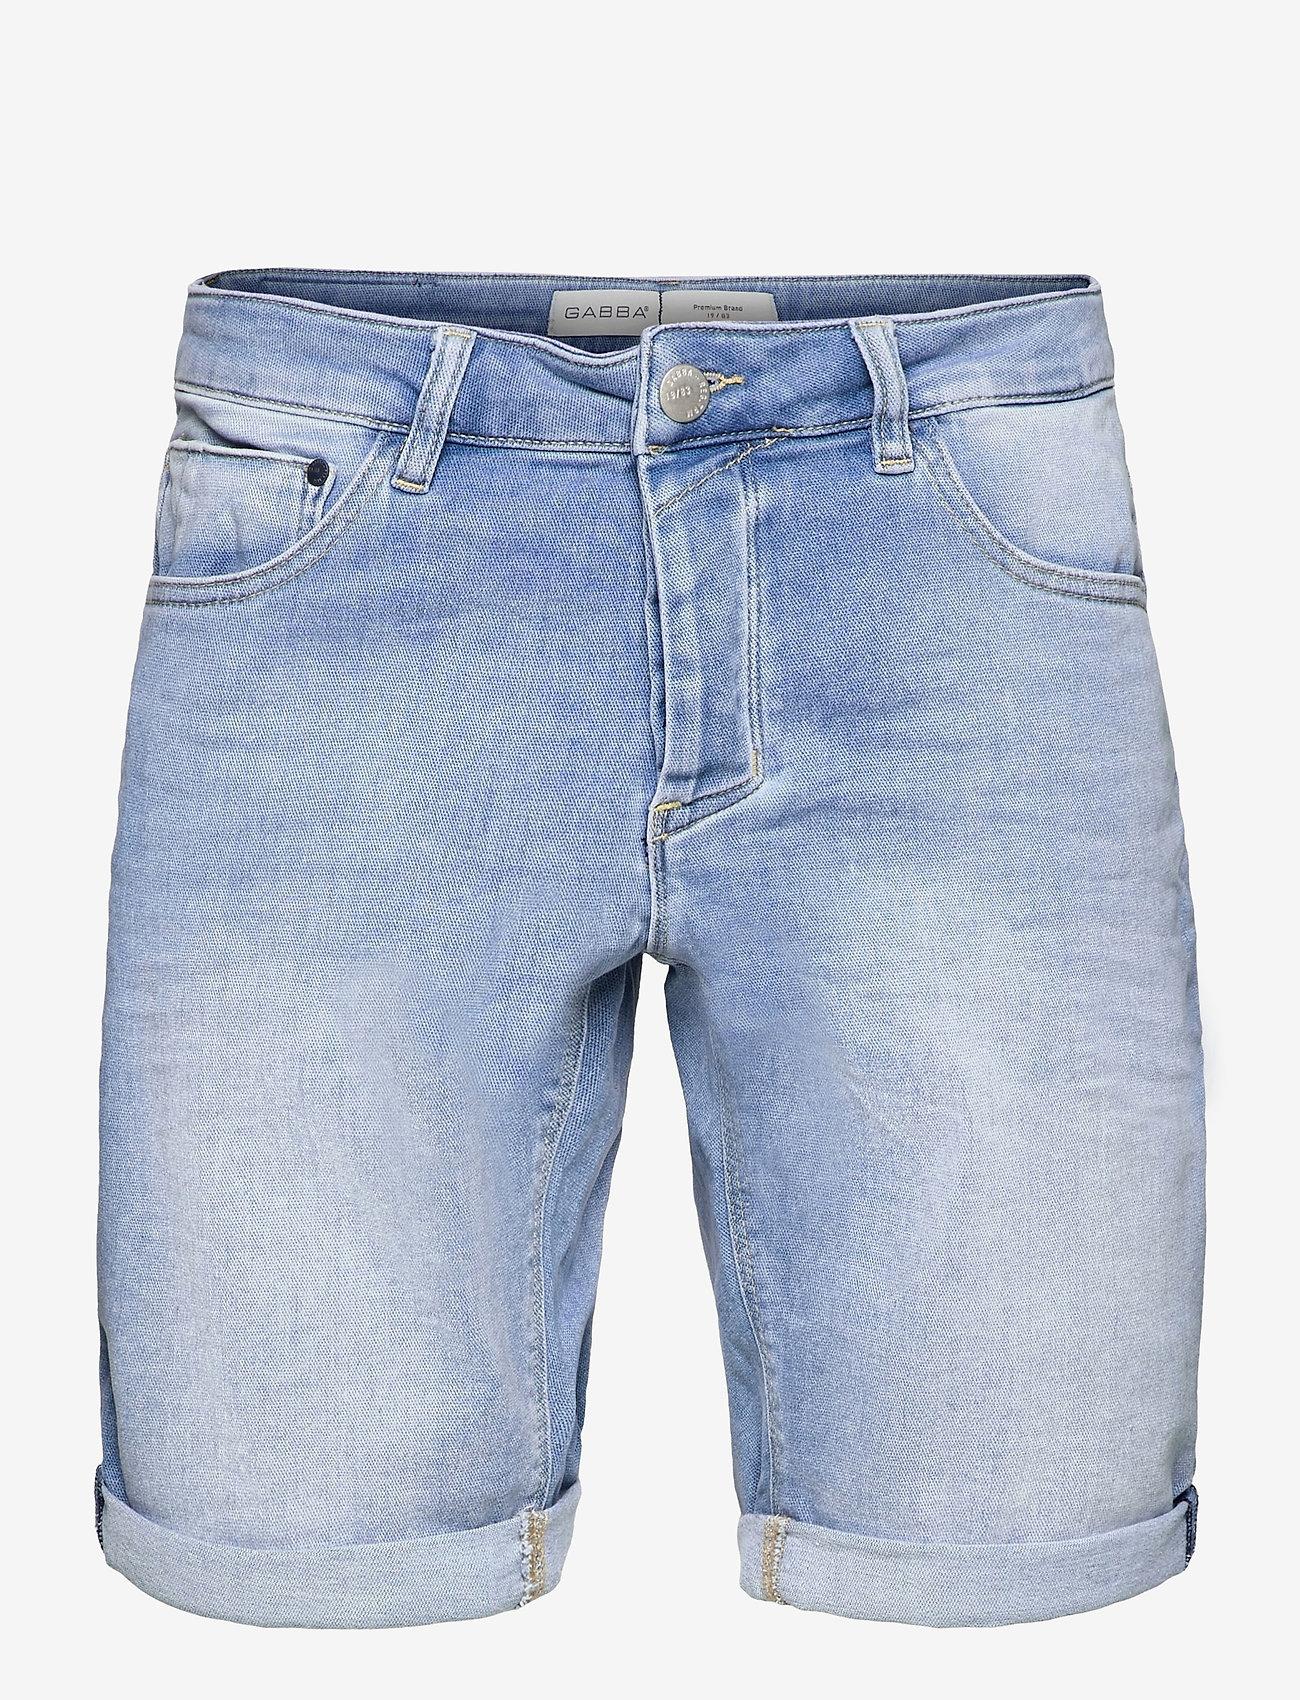 Gabba - Jason Shorts K3787 - denim shorts - rs1149 - 0